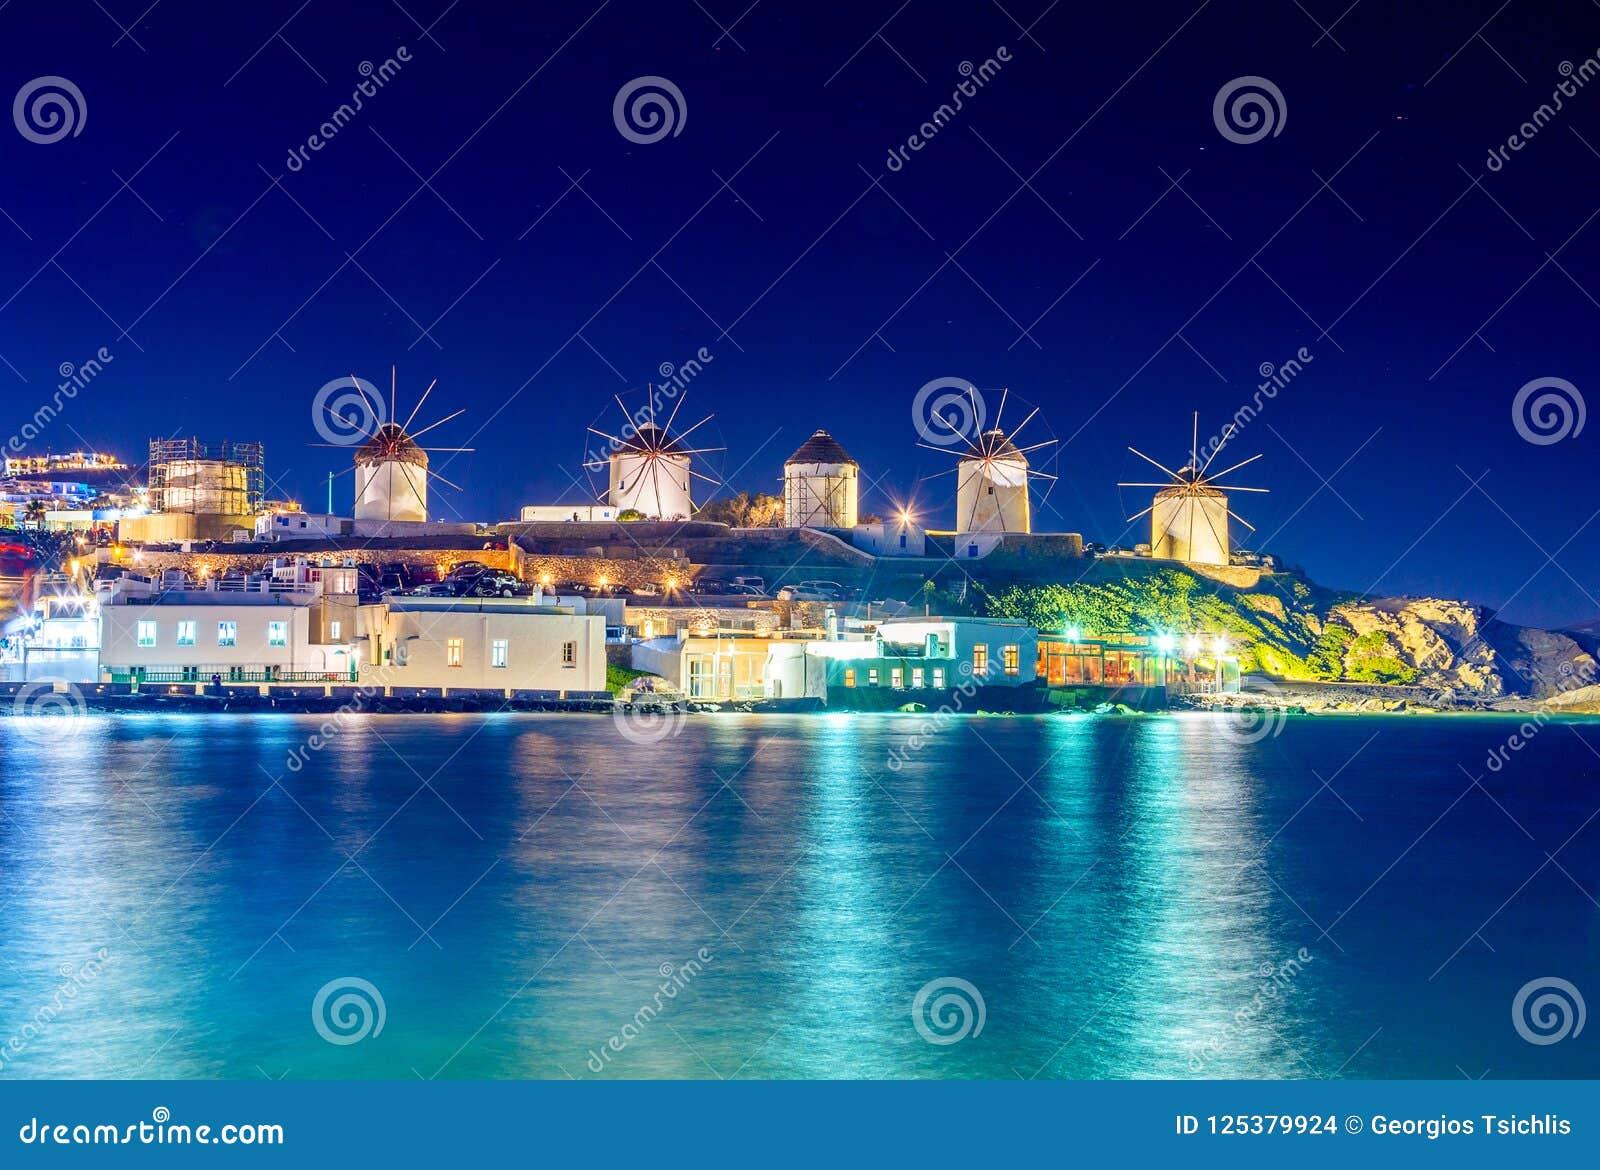 Porto de Mykonos com barcos e moinhos de vento na noite, ilhas de Cyclades